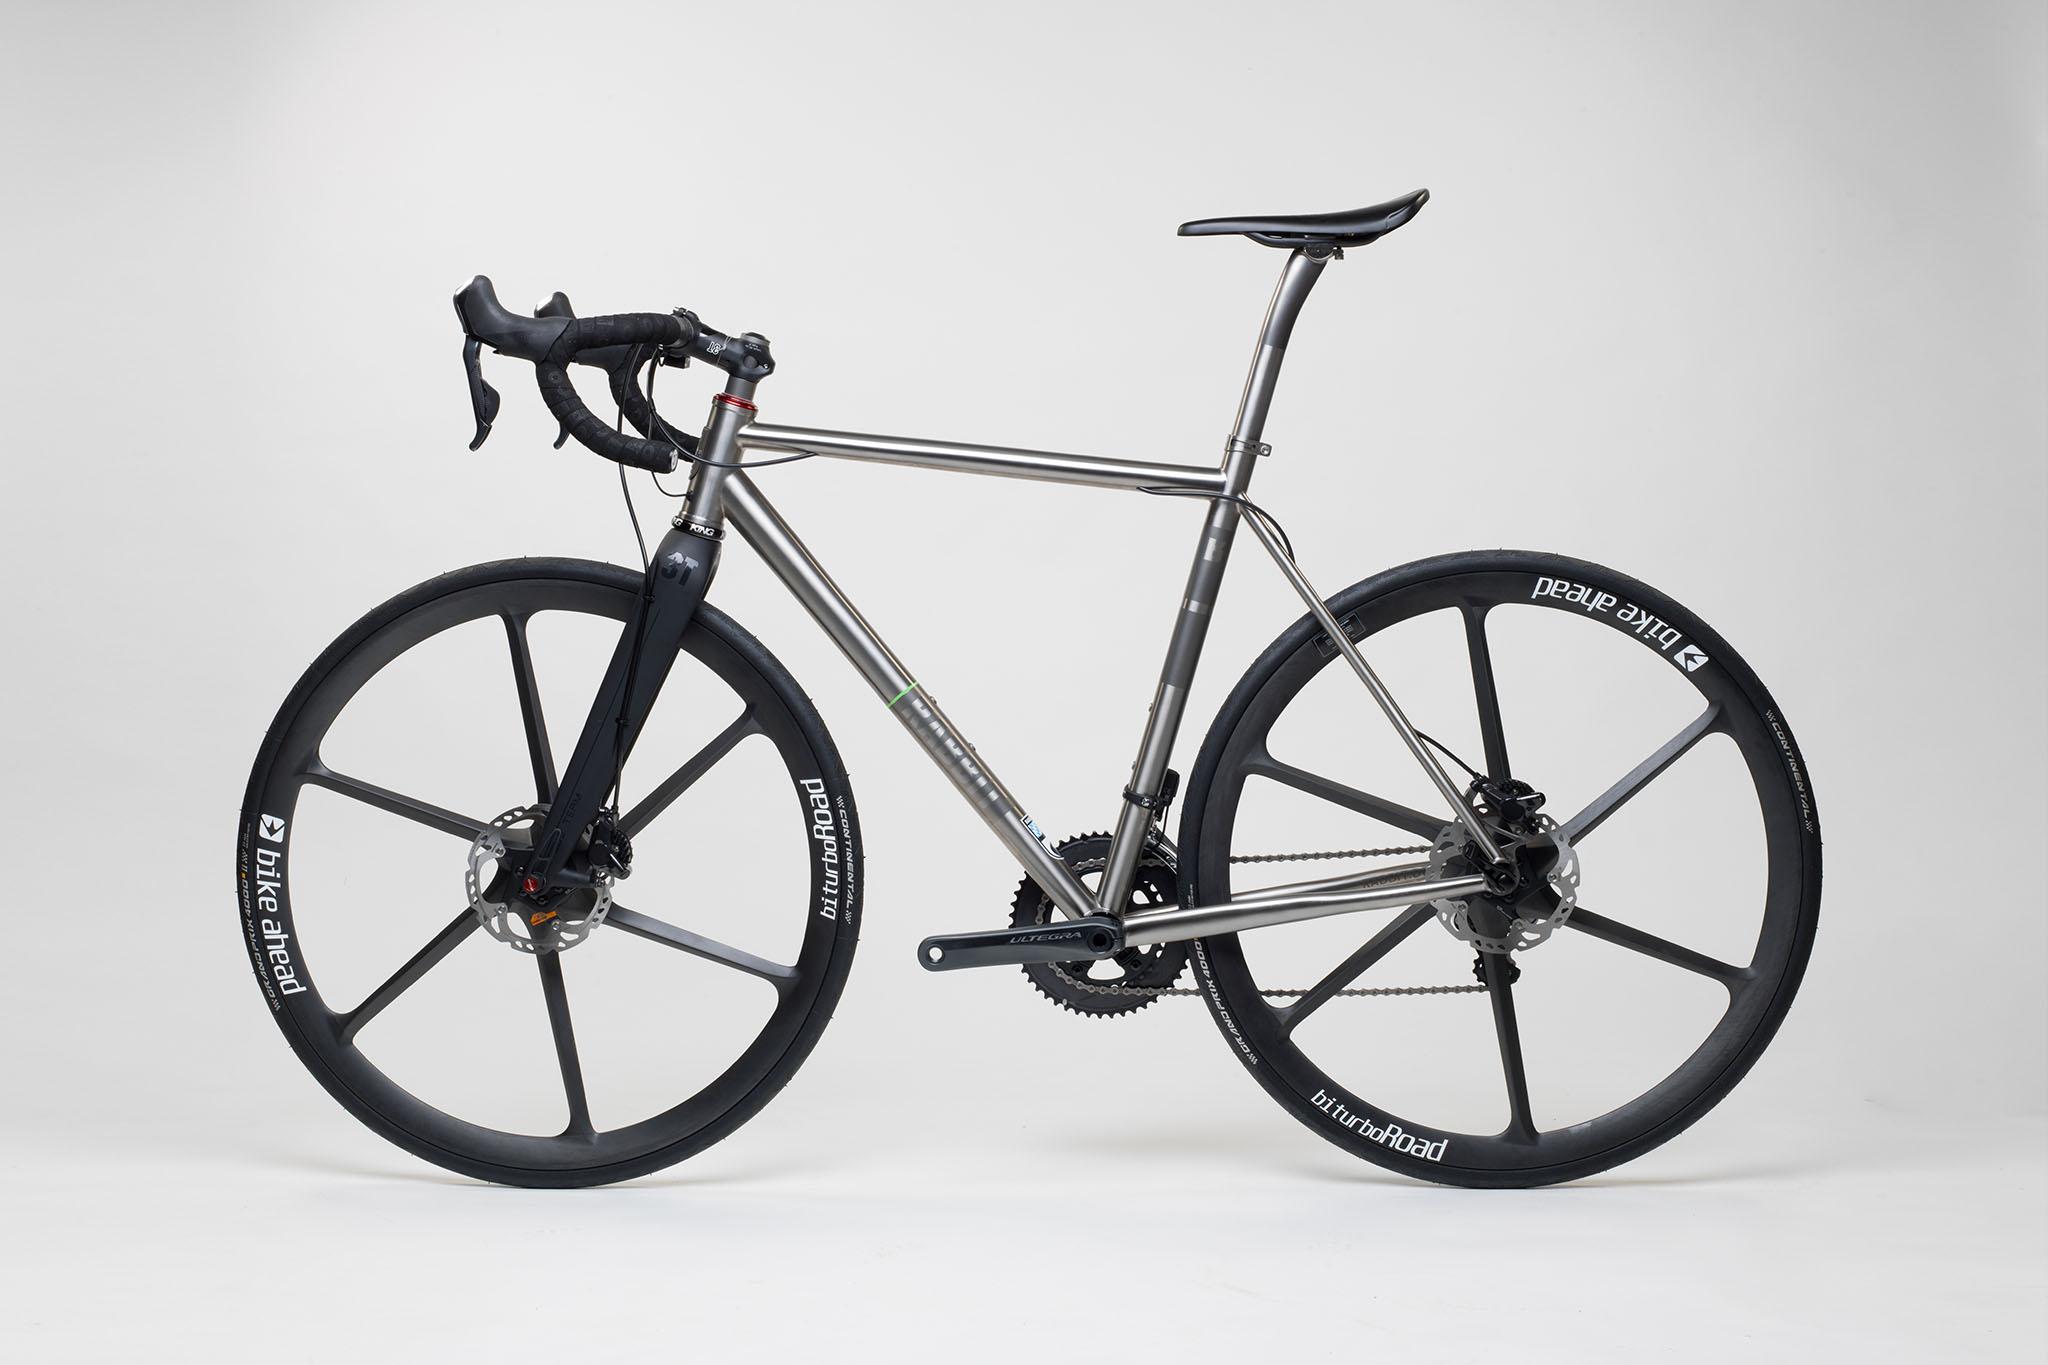 titan_road_disc_bike_ahead_carbon_wheels_17_from_rabbit_titan_cycles_bavaria